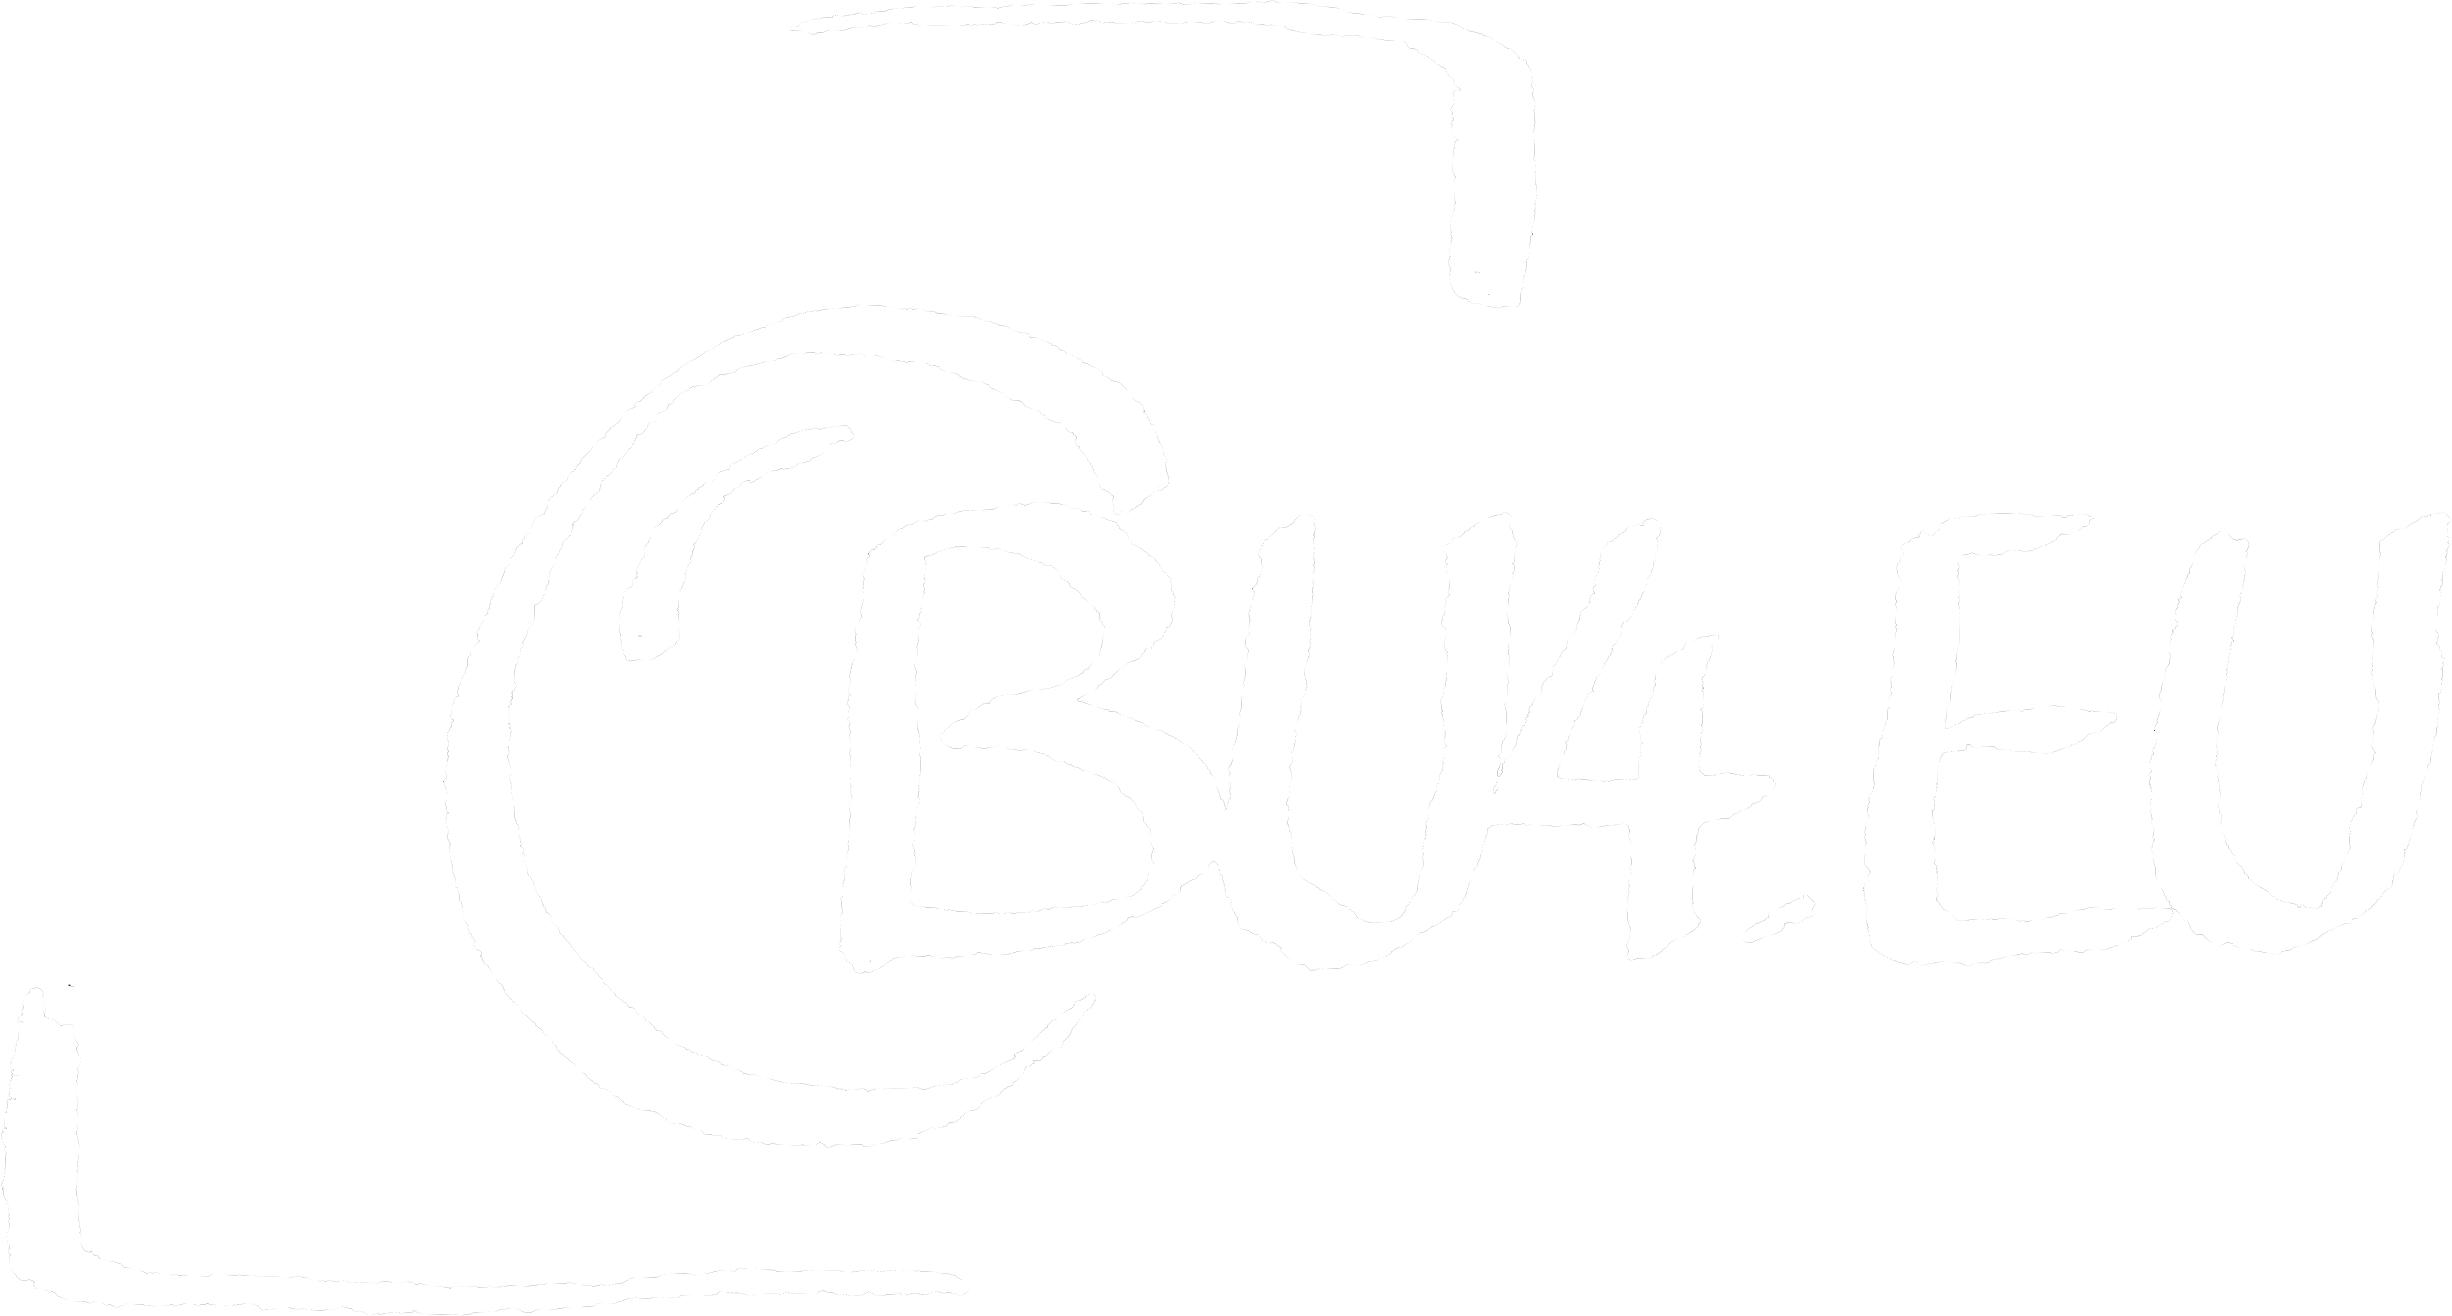 bu4.eu